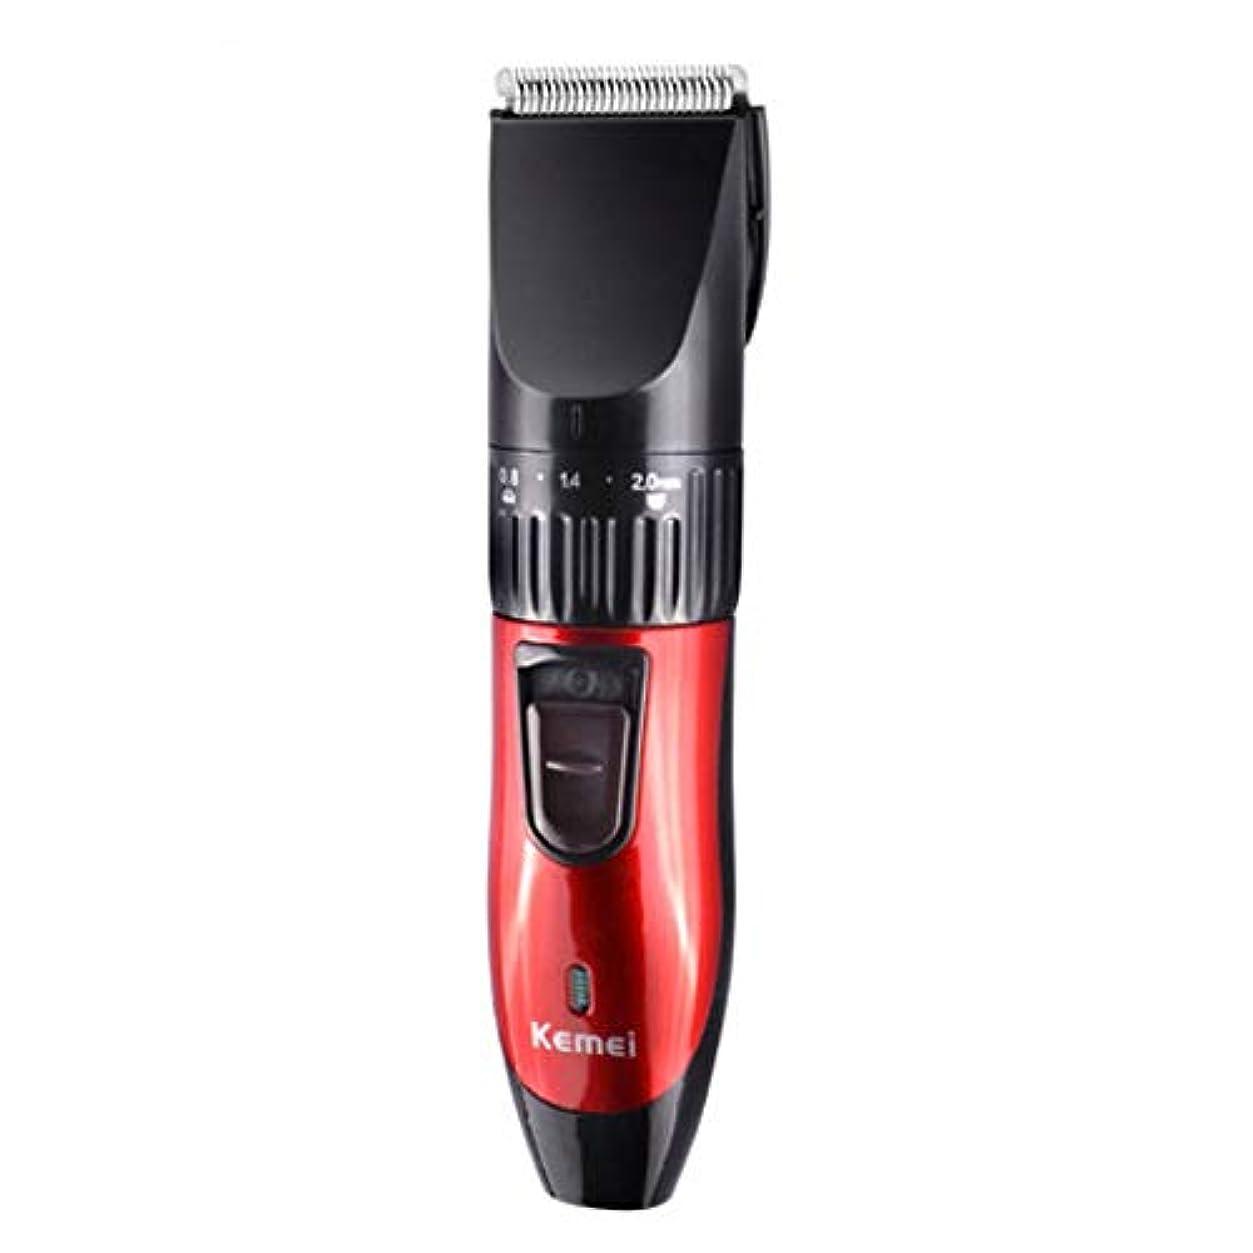 トークン腰エイズQINJLI 家庭用髪クリッパー充電式乾燥電気デュアル使用インジケーター光制限くし 16 * 4 cm